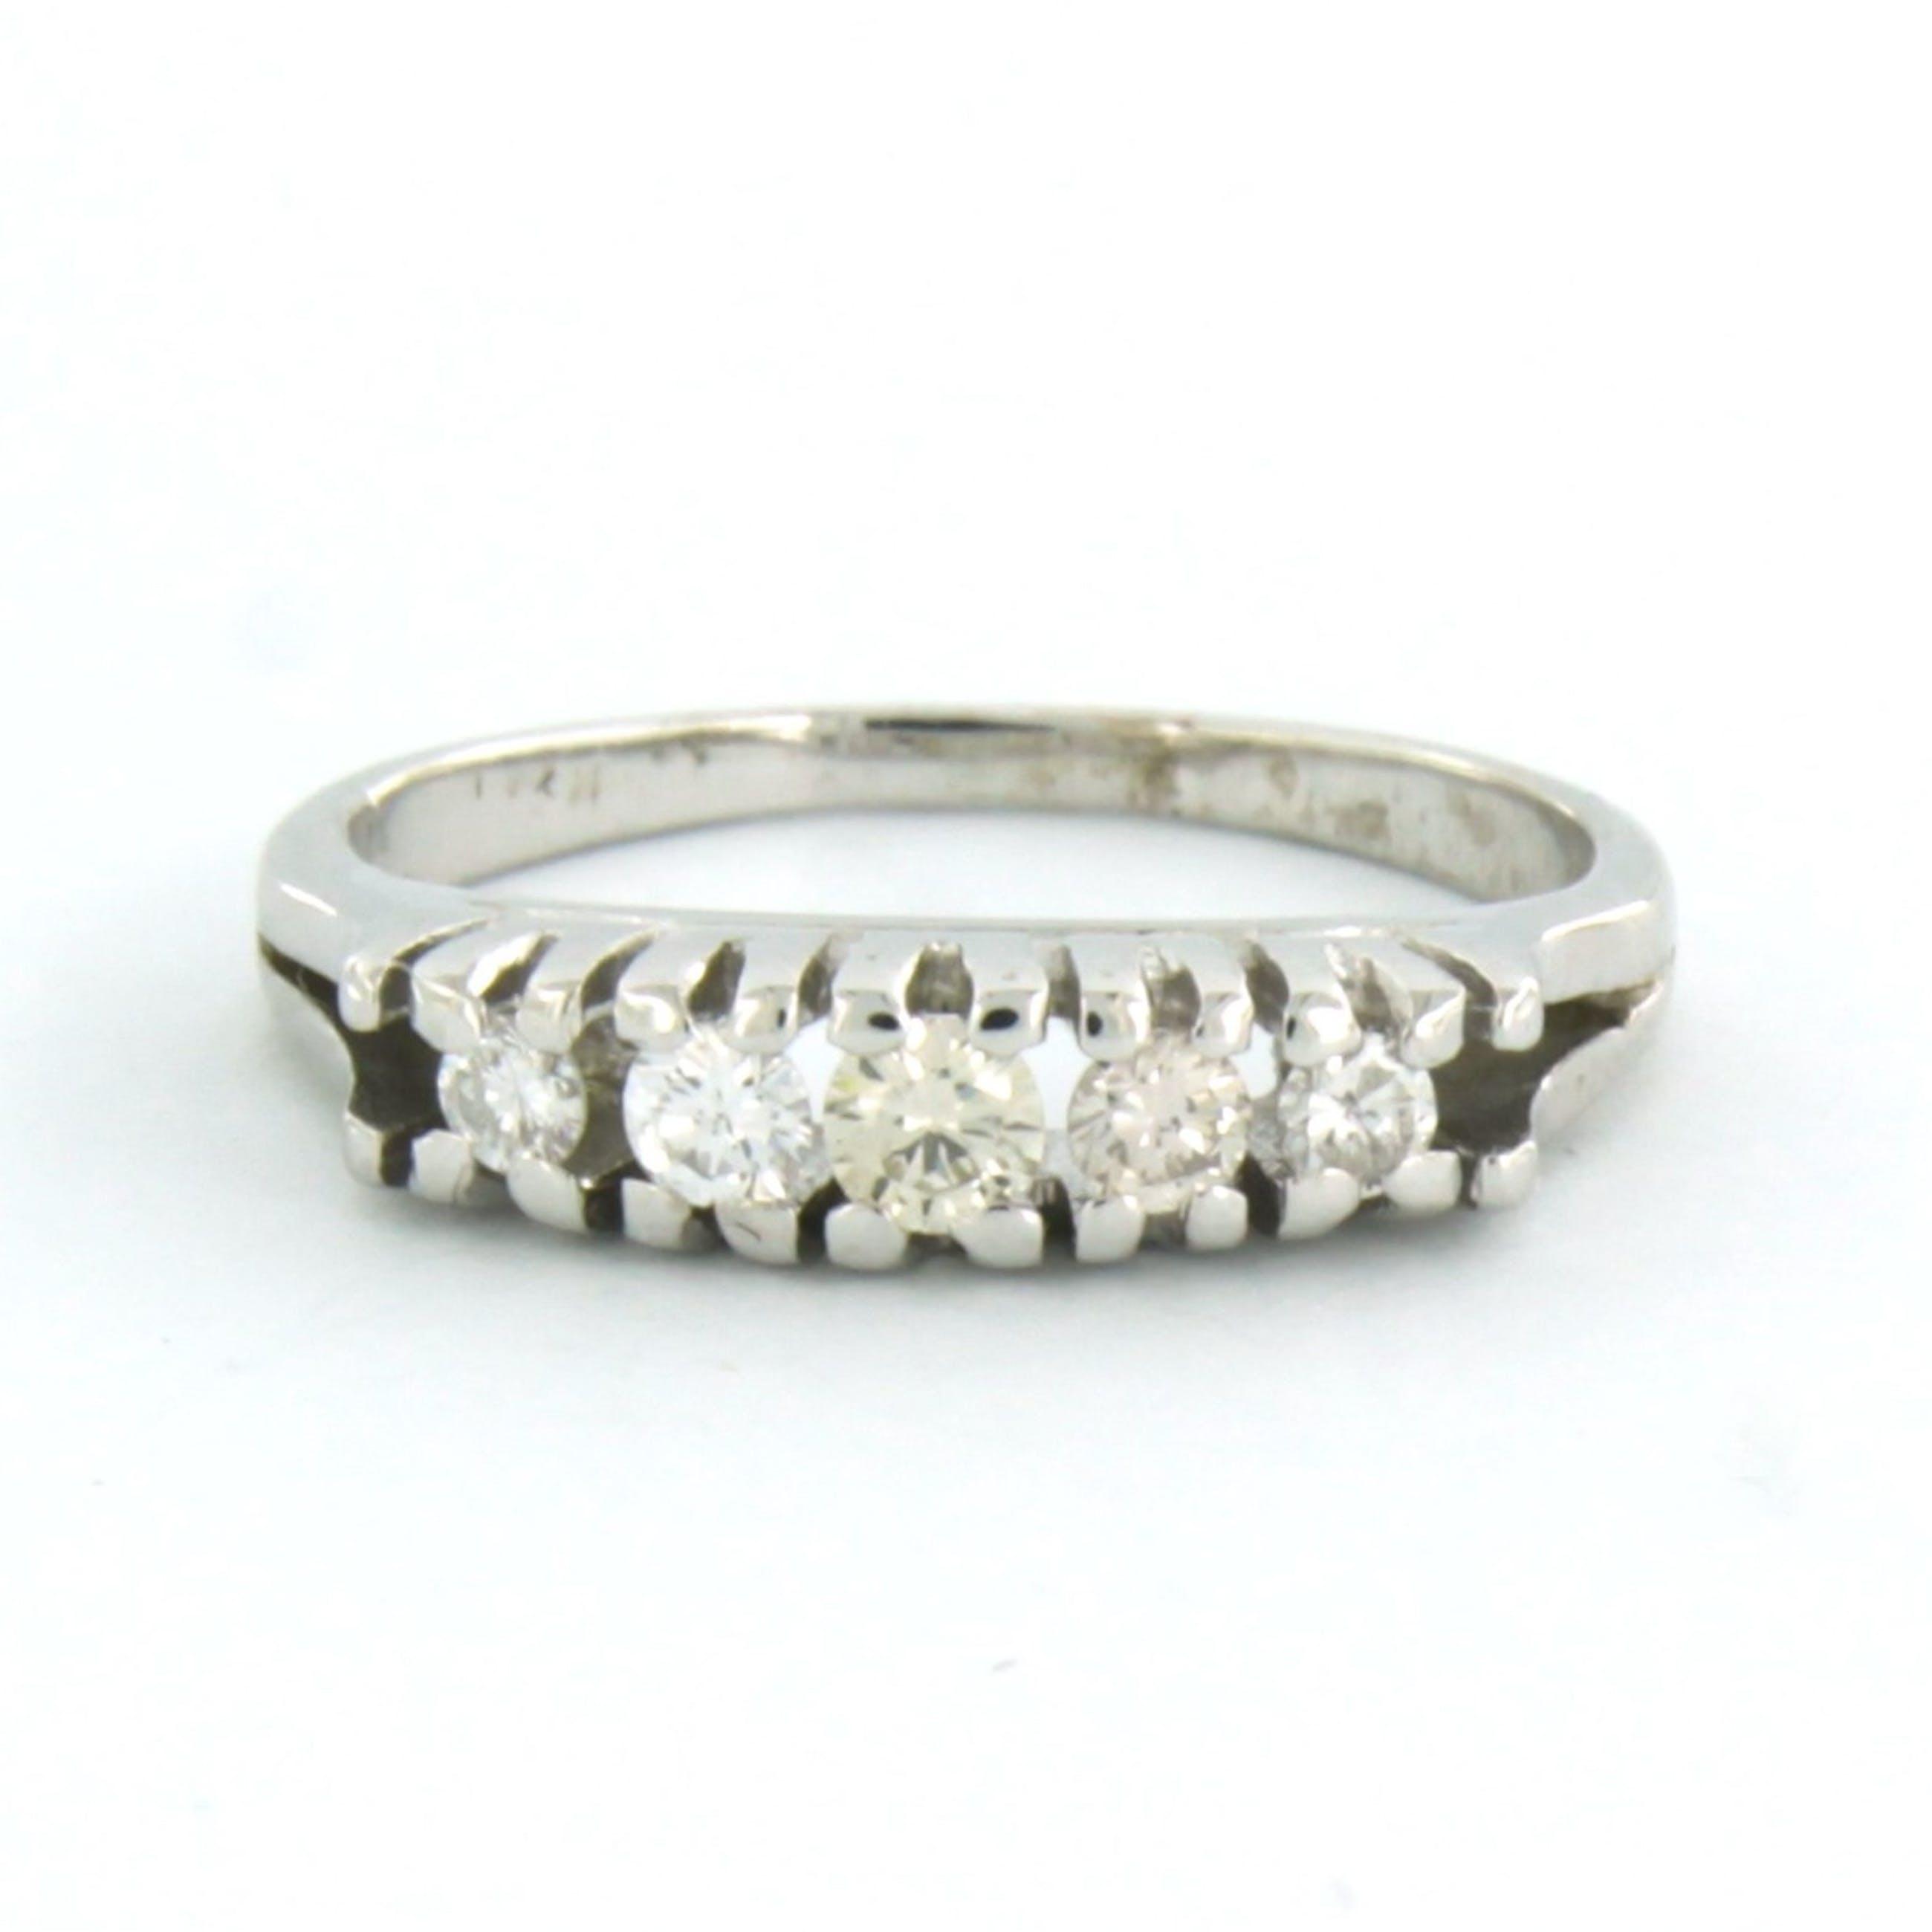 14k wit gouden ring bezet met briljant geslepen diamant 0.25ct kopen? Bied vanaf 260!